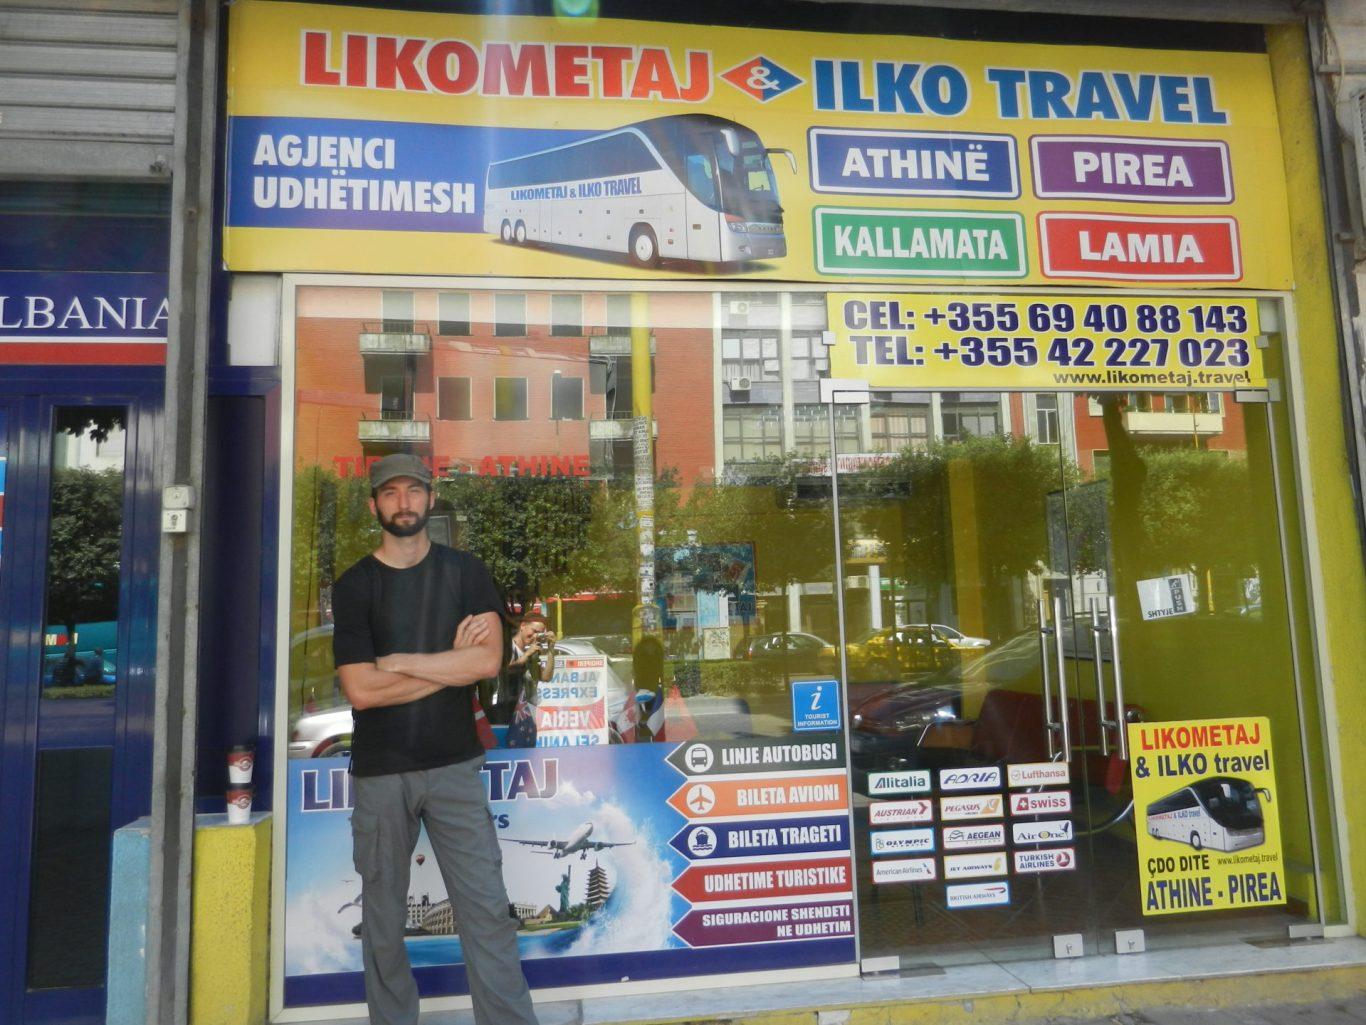 Nathanael waiting at the bus station in Tirana, Albania